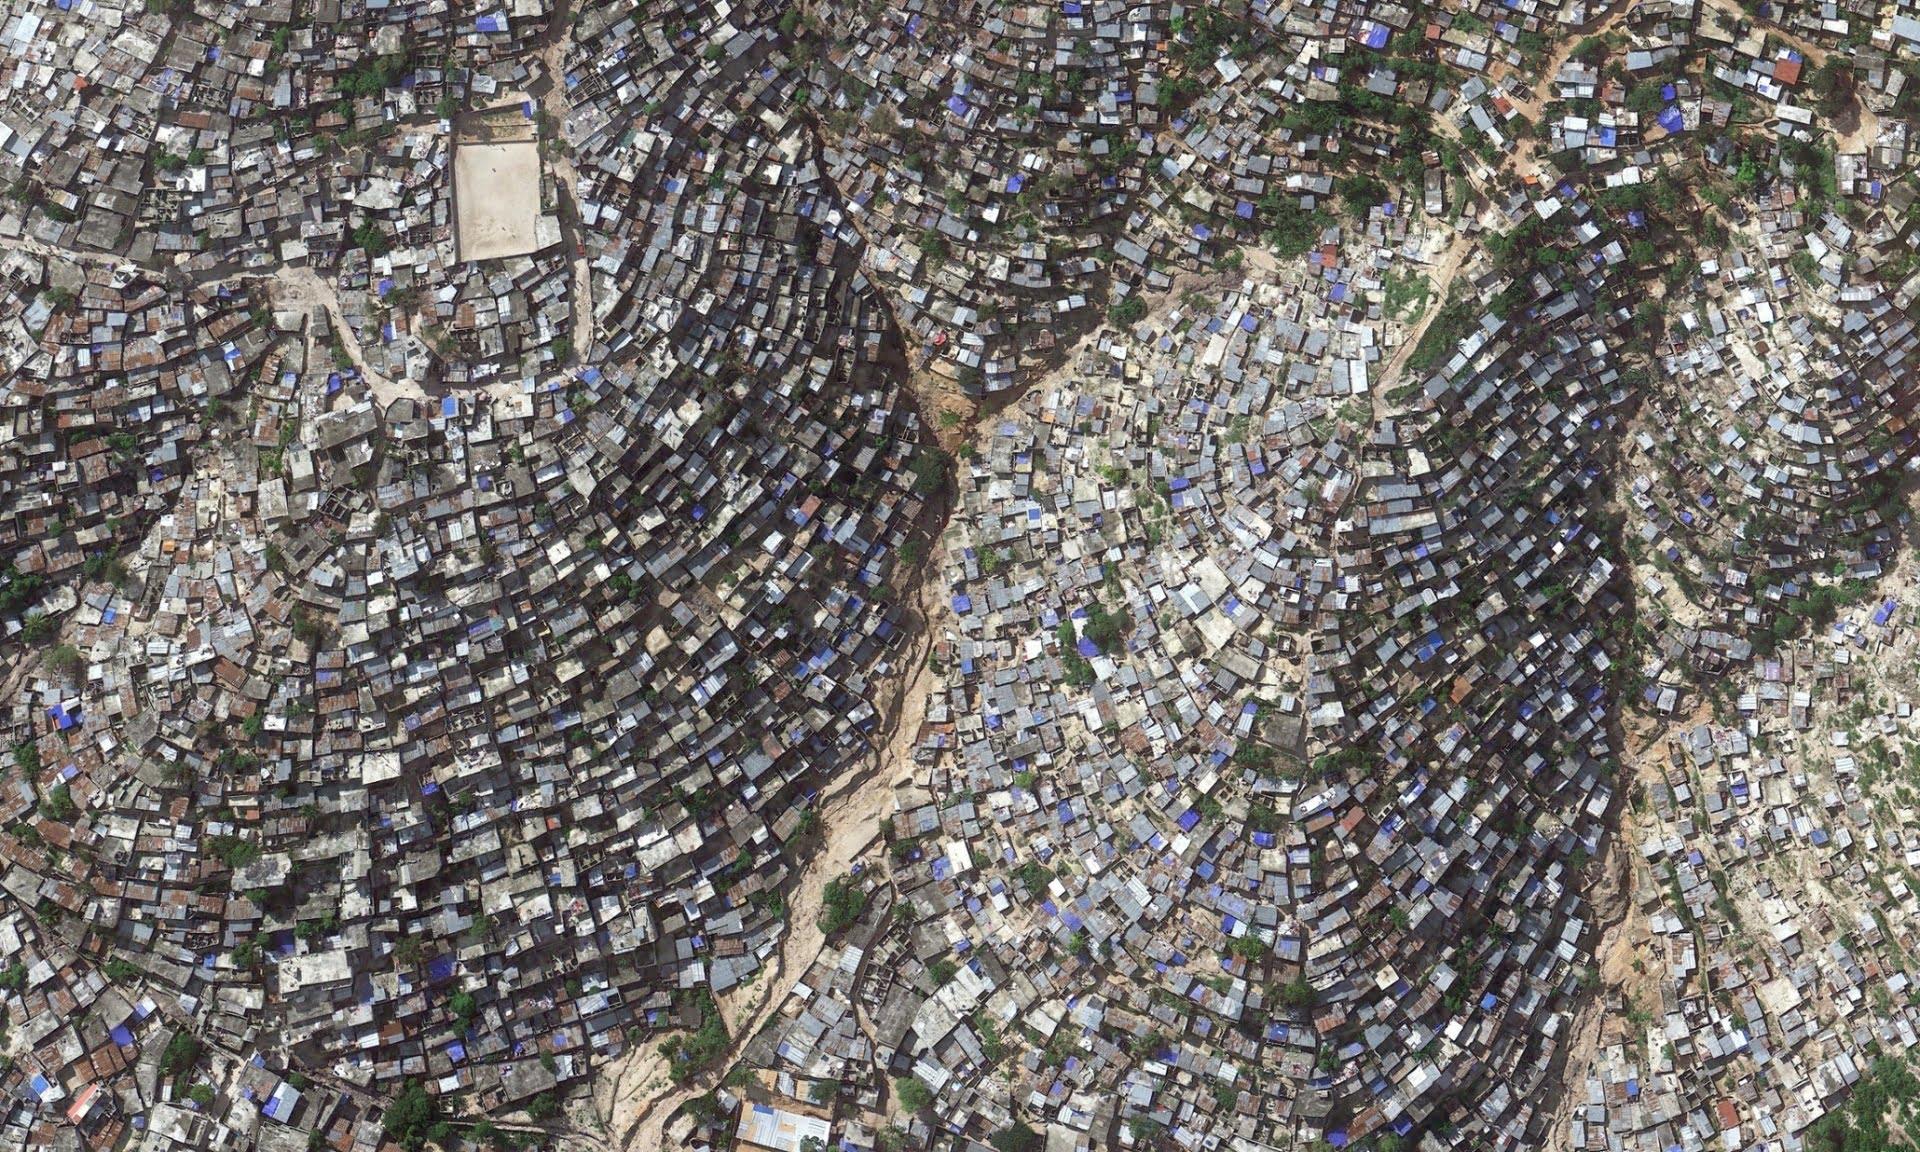 Superpopulação e super consumismo, nossa triste realidade, imagem de favela